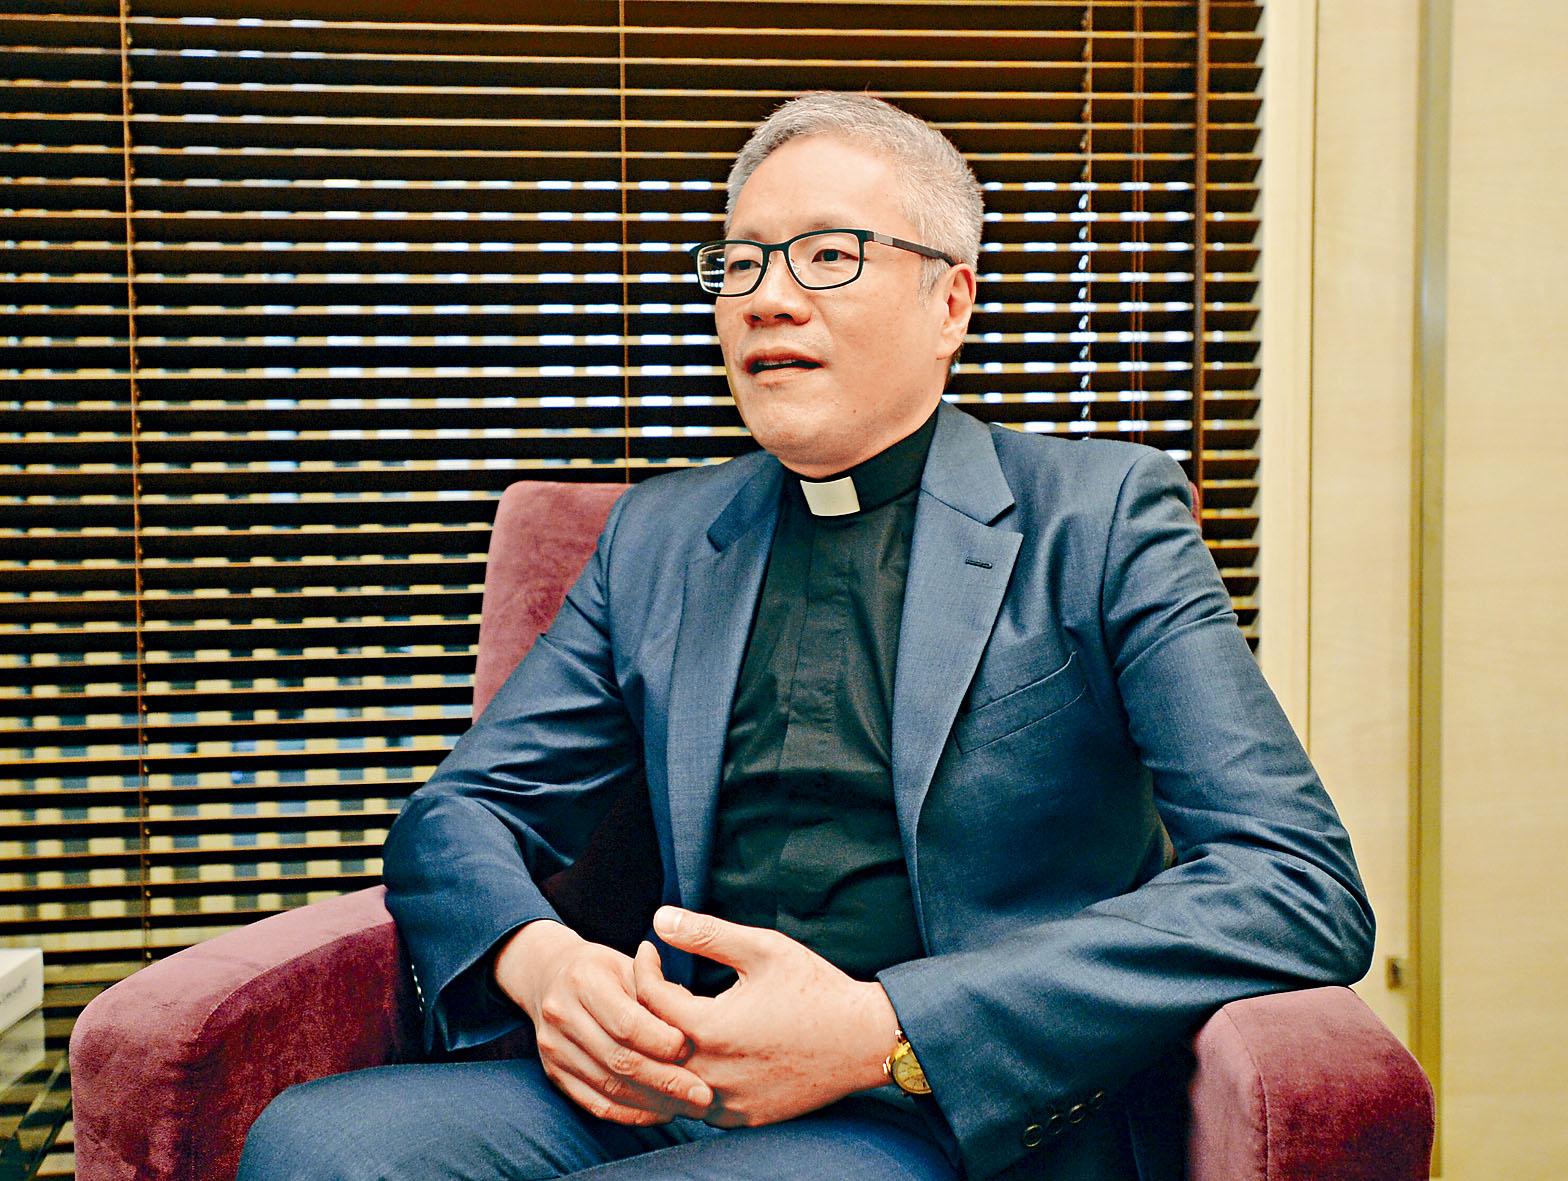 聖公會教省秘書長管浩鳴法政牧師表示,教會立場是必須將犯罪者繩之於法。資料圖片